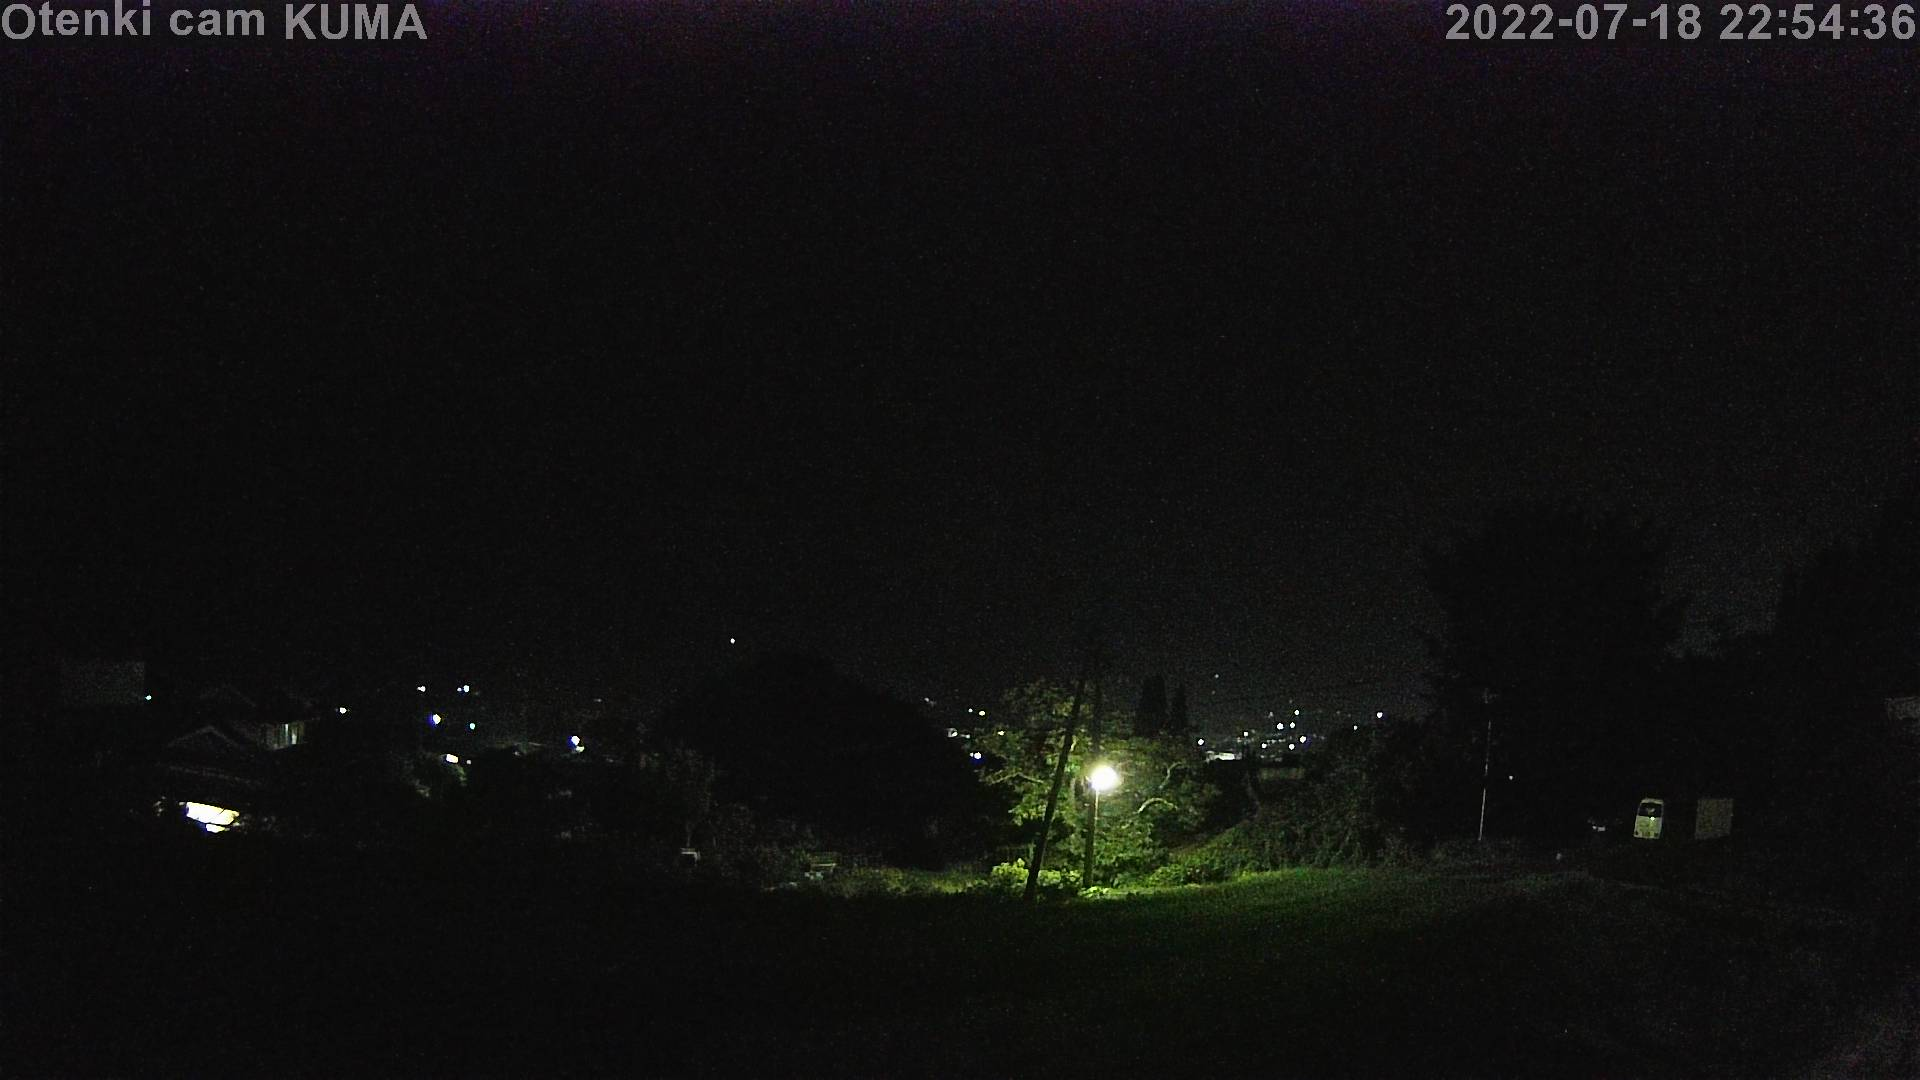 33カメラ 22時台の最終画像